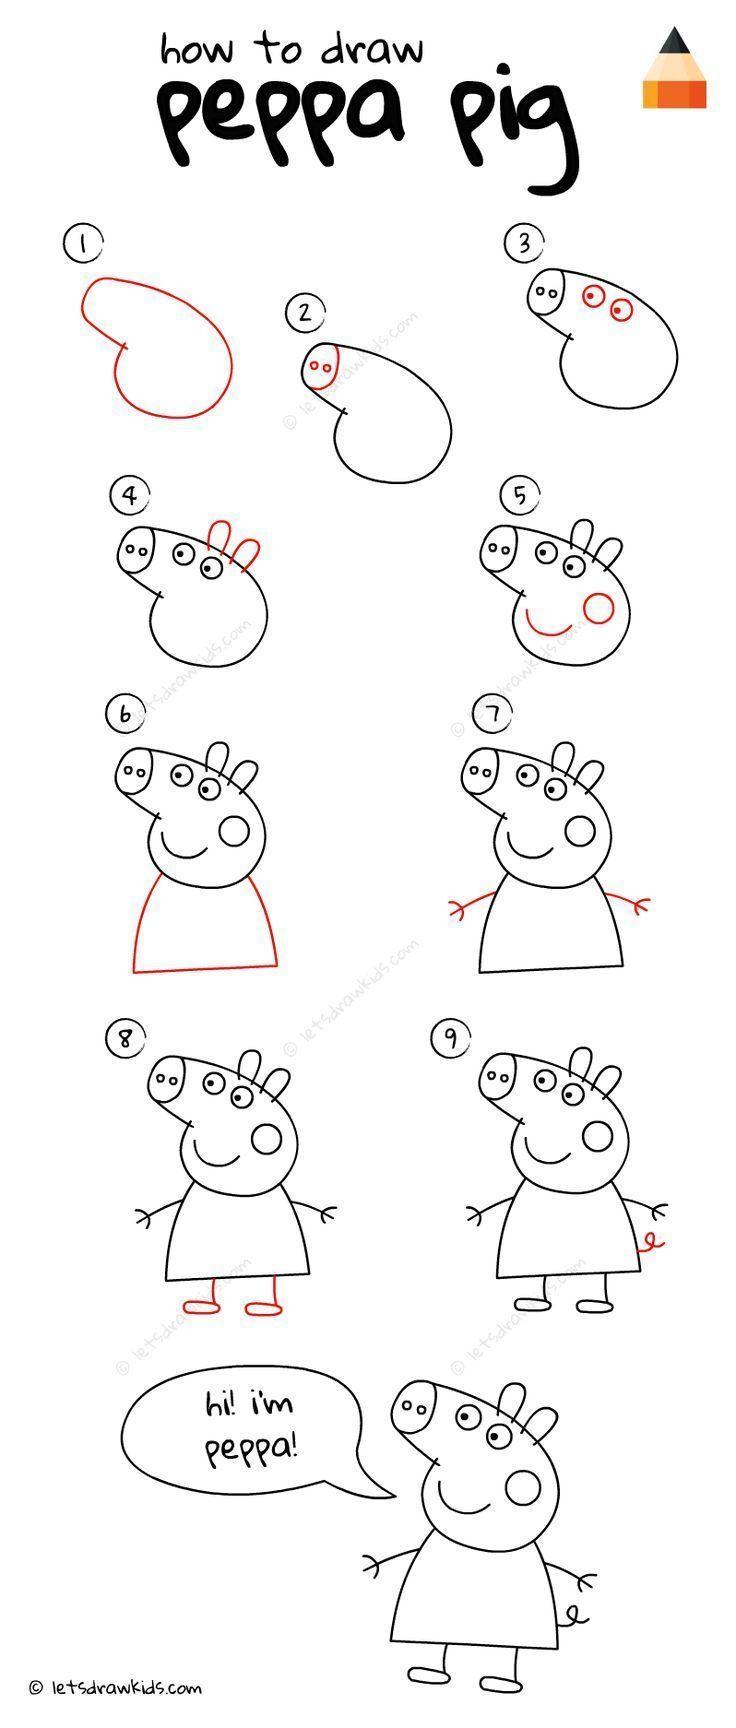 Wie zeichnet man Peppa Pig - Geburtstag. - ... - ... ,  Wie zeichnet man Peppa Pig - Geburtstag. - ... - ... ,